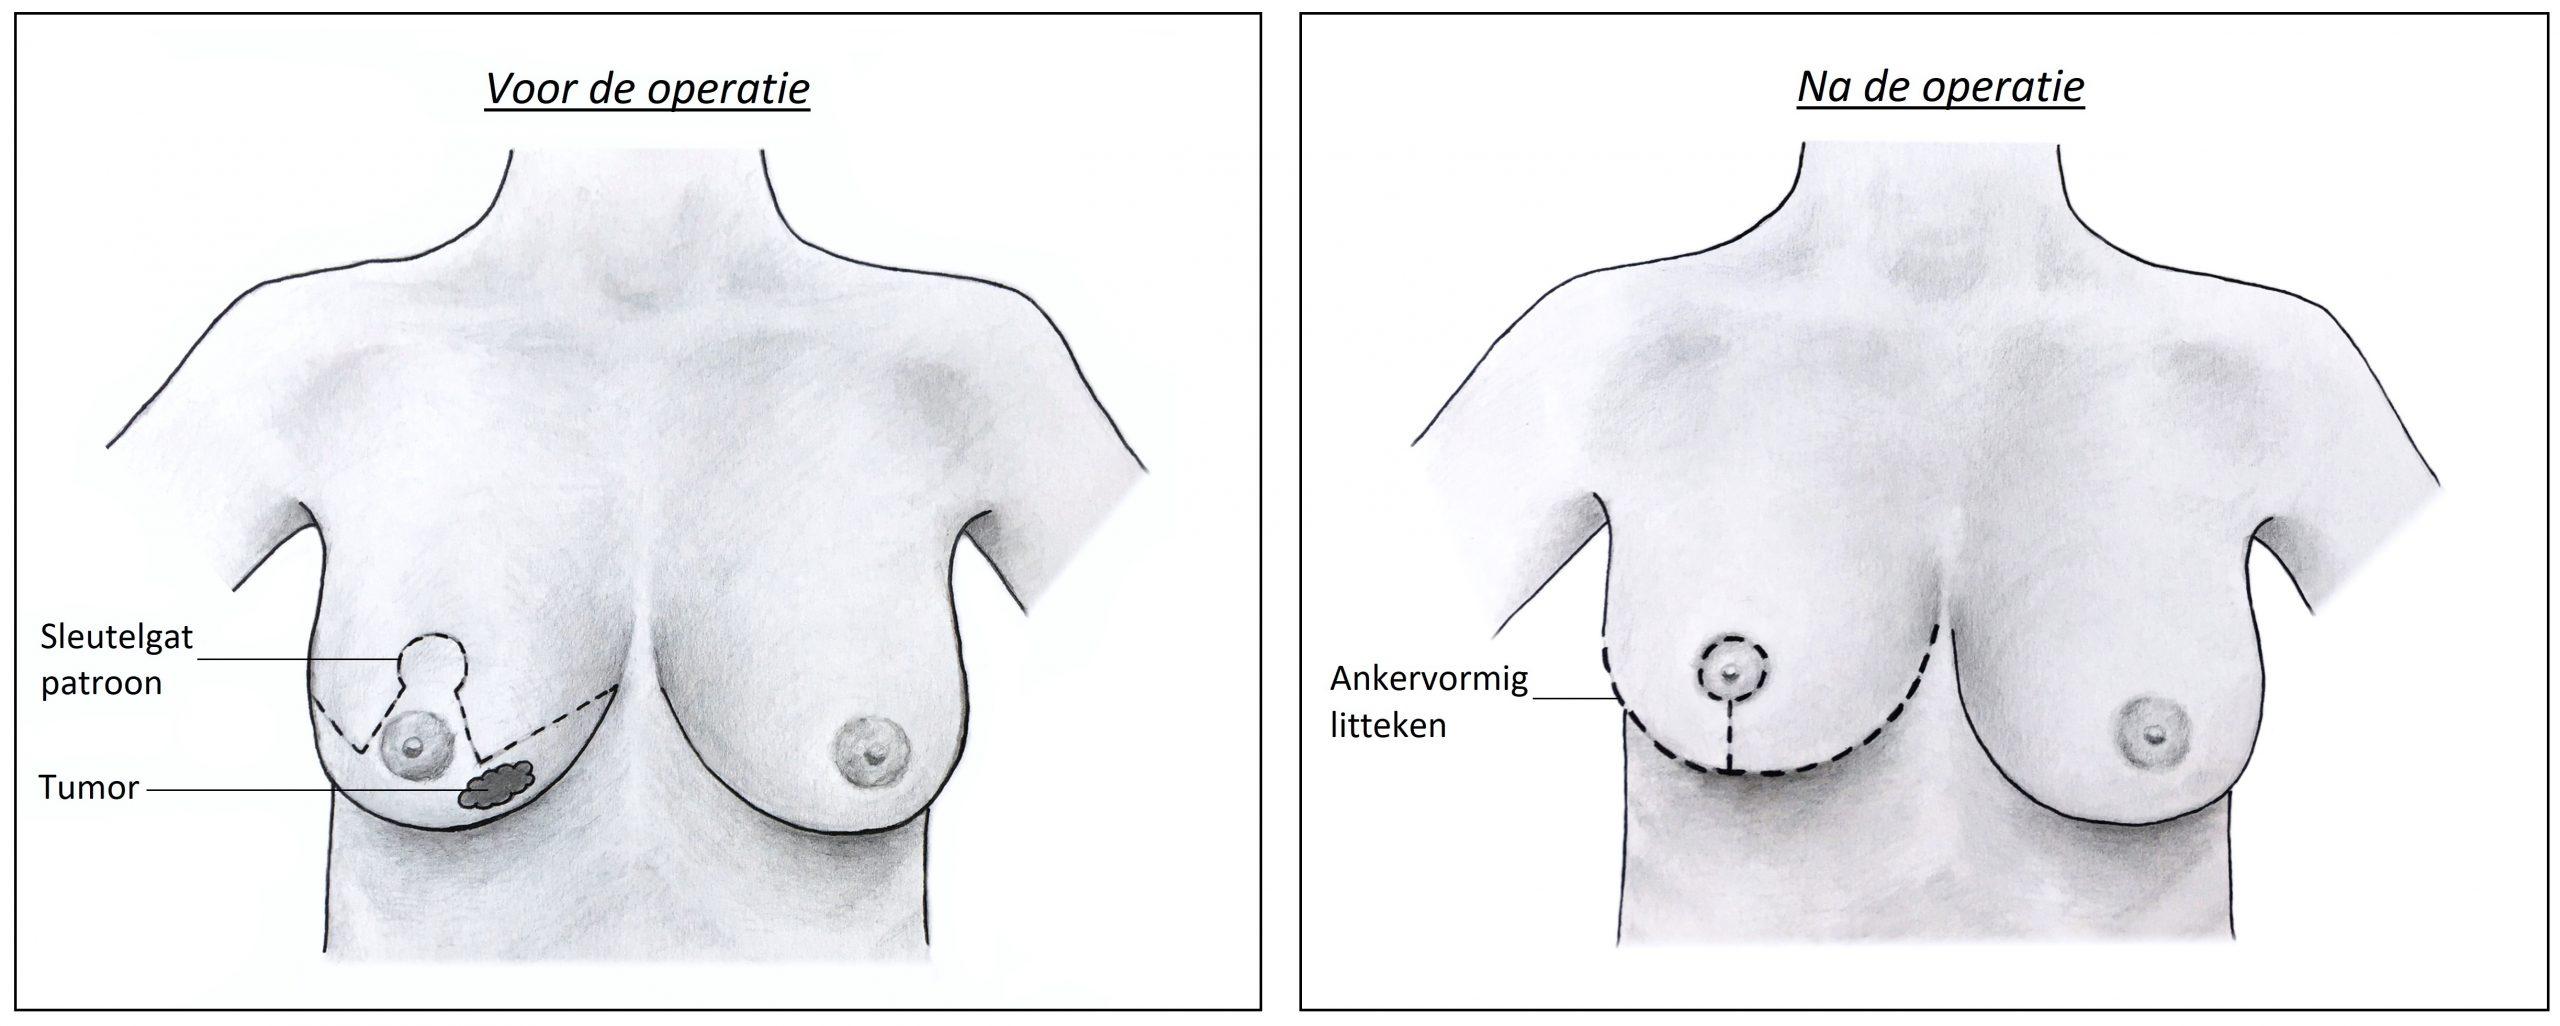 Oncoplastische reductie - voor en na.jpg